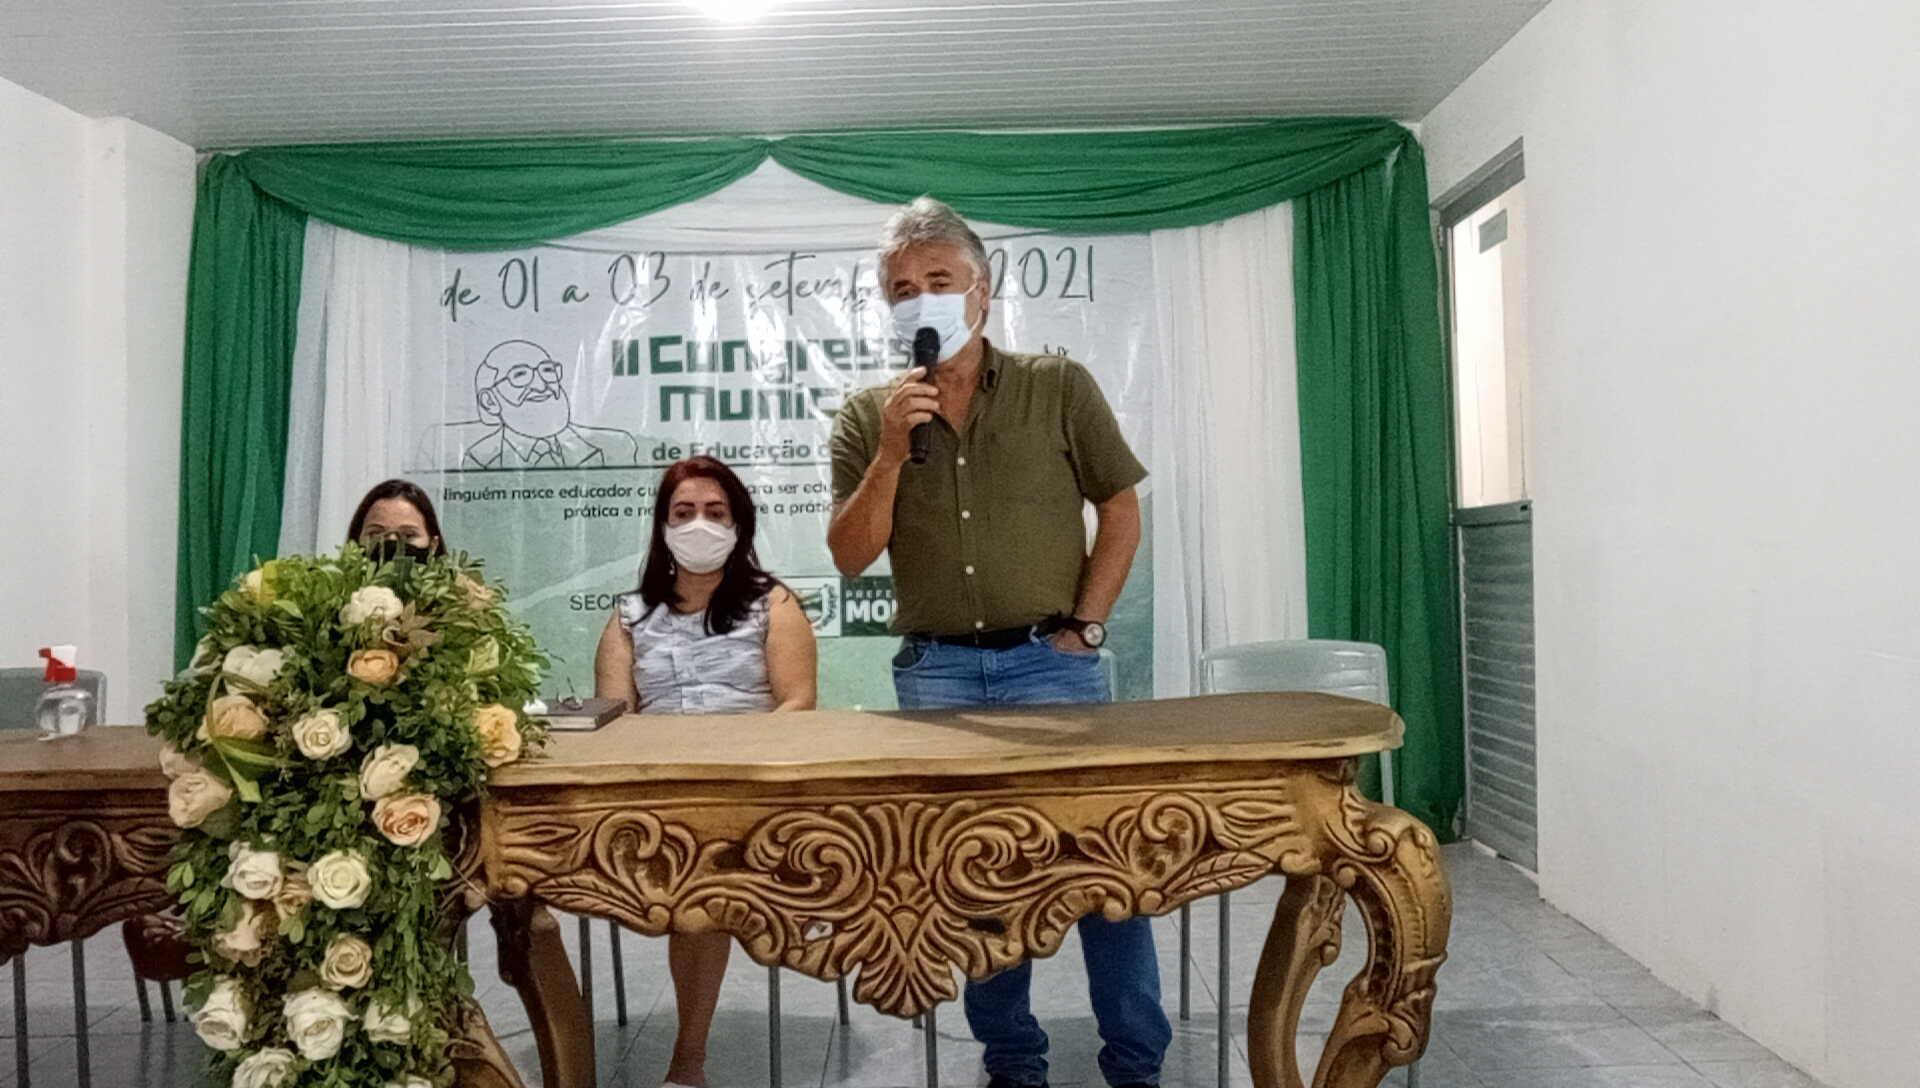 SECRETARIA DE EDUCAÇÃO REALIZOU CONGRESSO MUNICIPAL DE EDUCAÇÃO EM MORENO